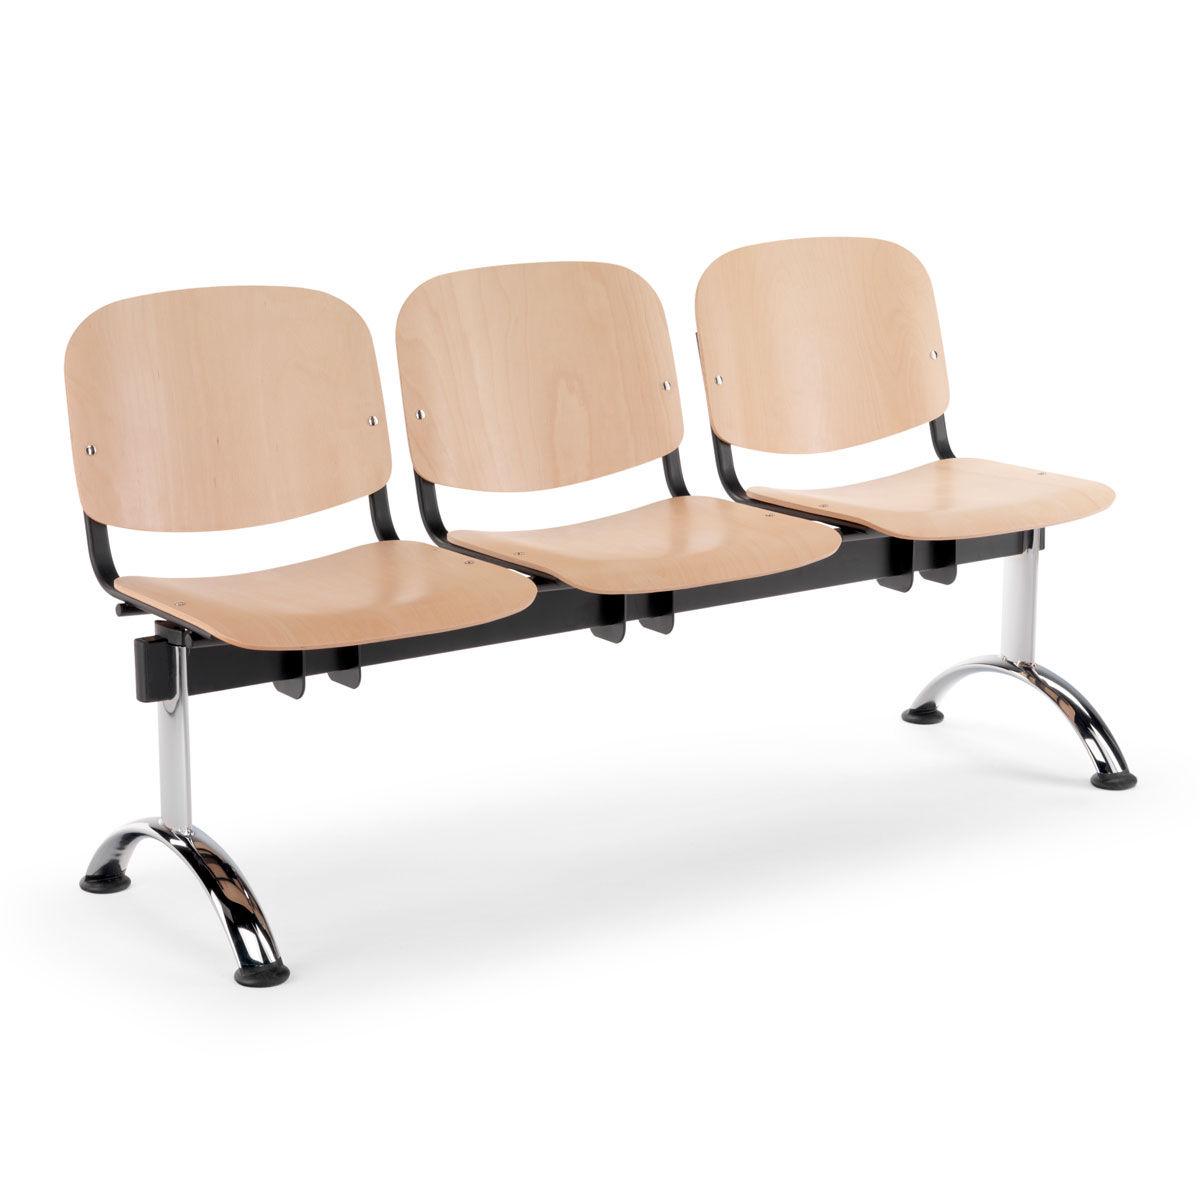 Sillas de madera para sala de espera for Sillas para sala de espera